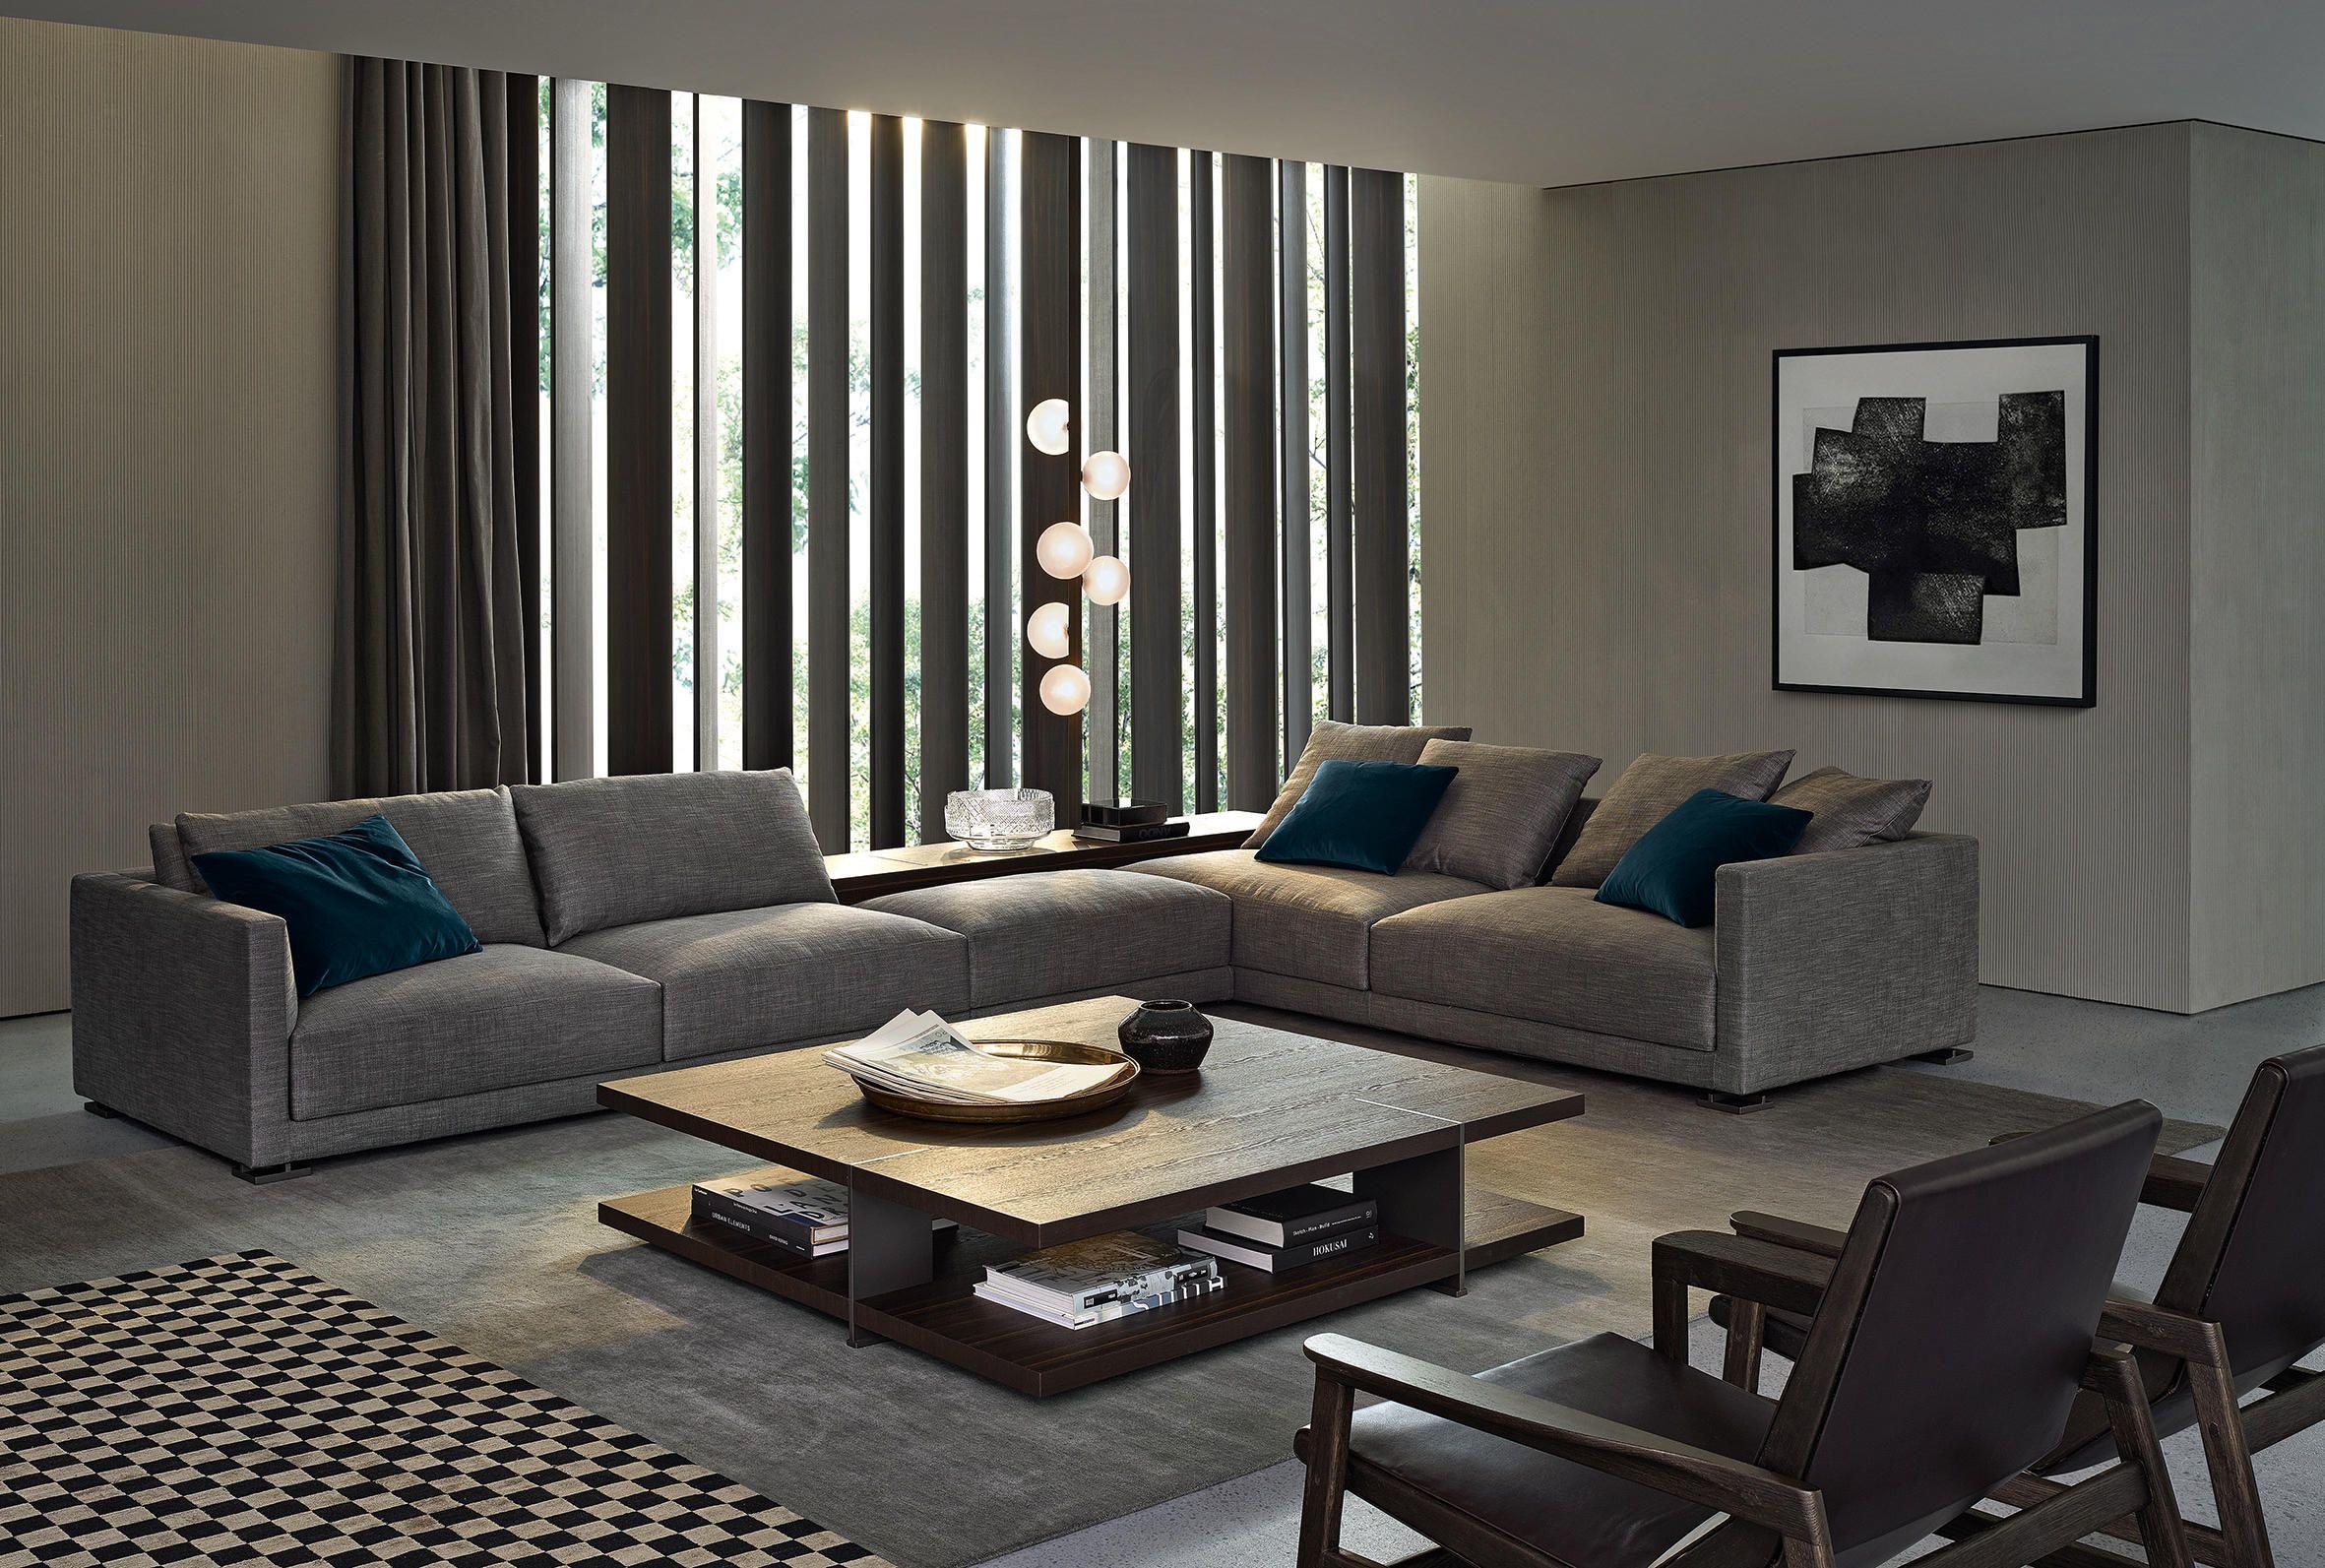 Bristol Sofa By Poliform Sofas Sofa Design Fabric Sofa Design Contemporary Furniture